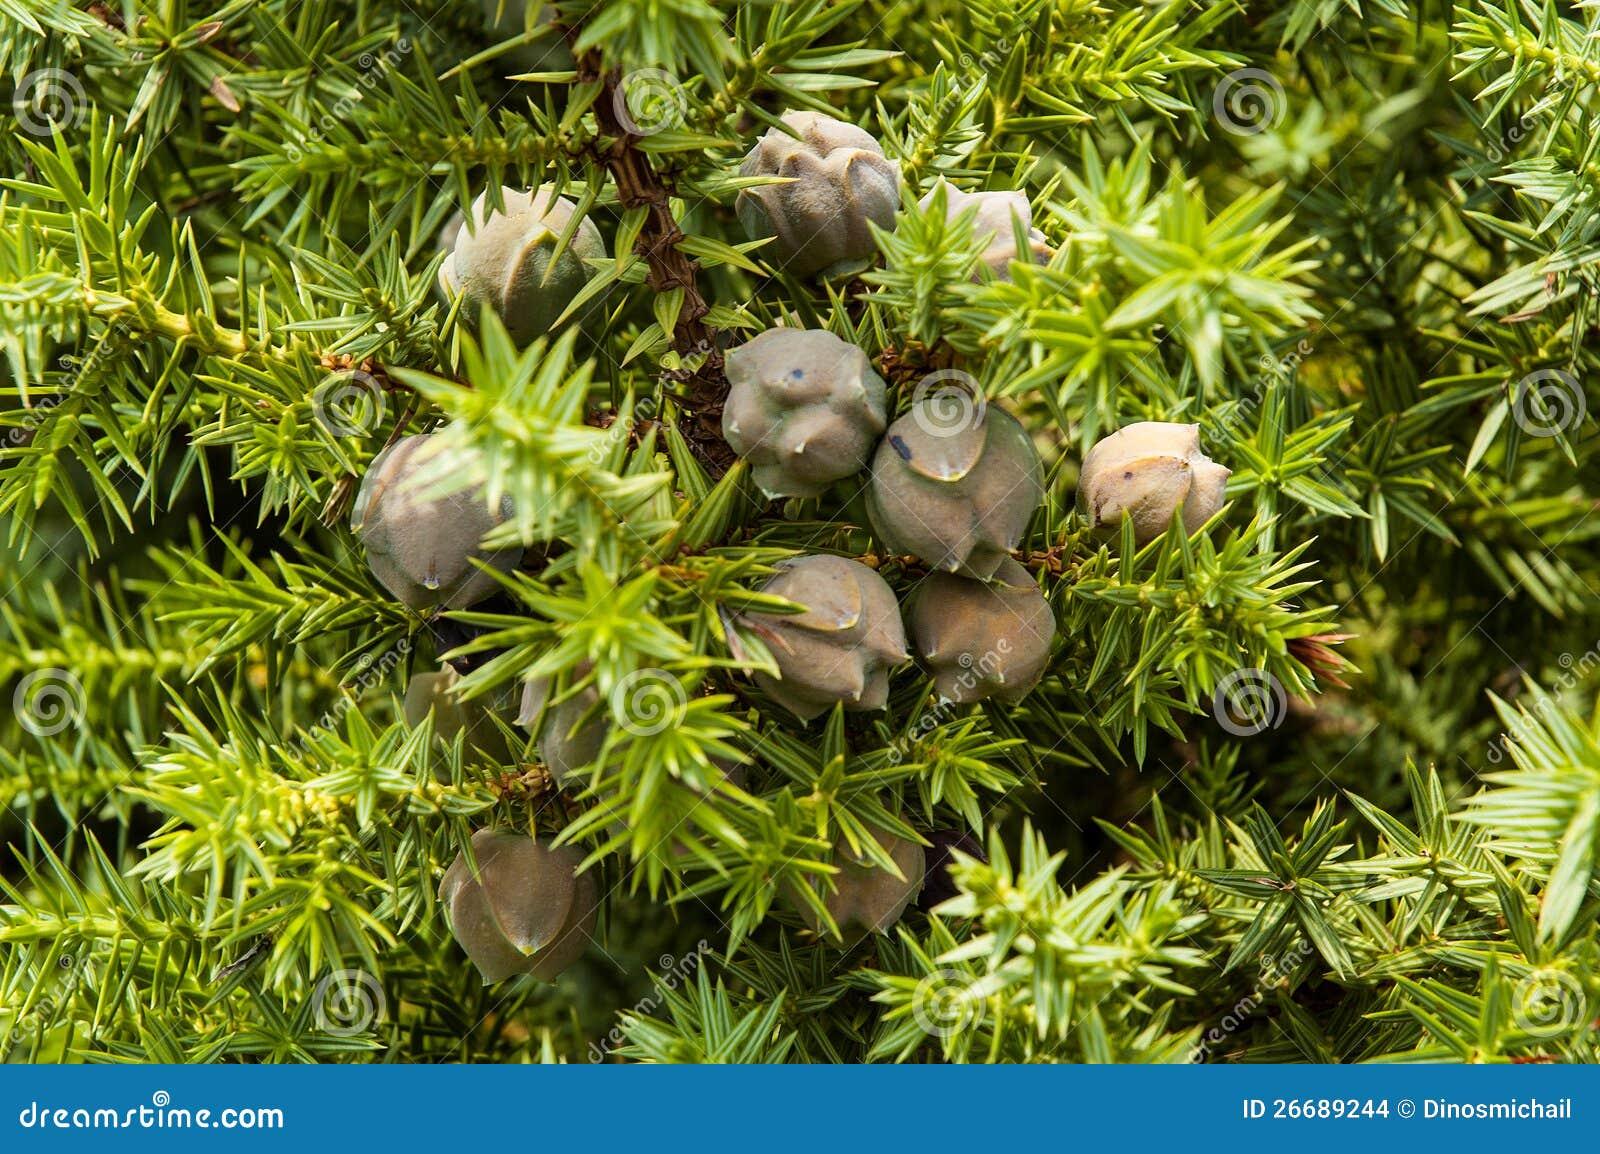 Juniperus drupacea syrian juniper stock images image for The juniper